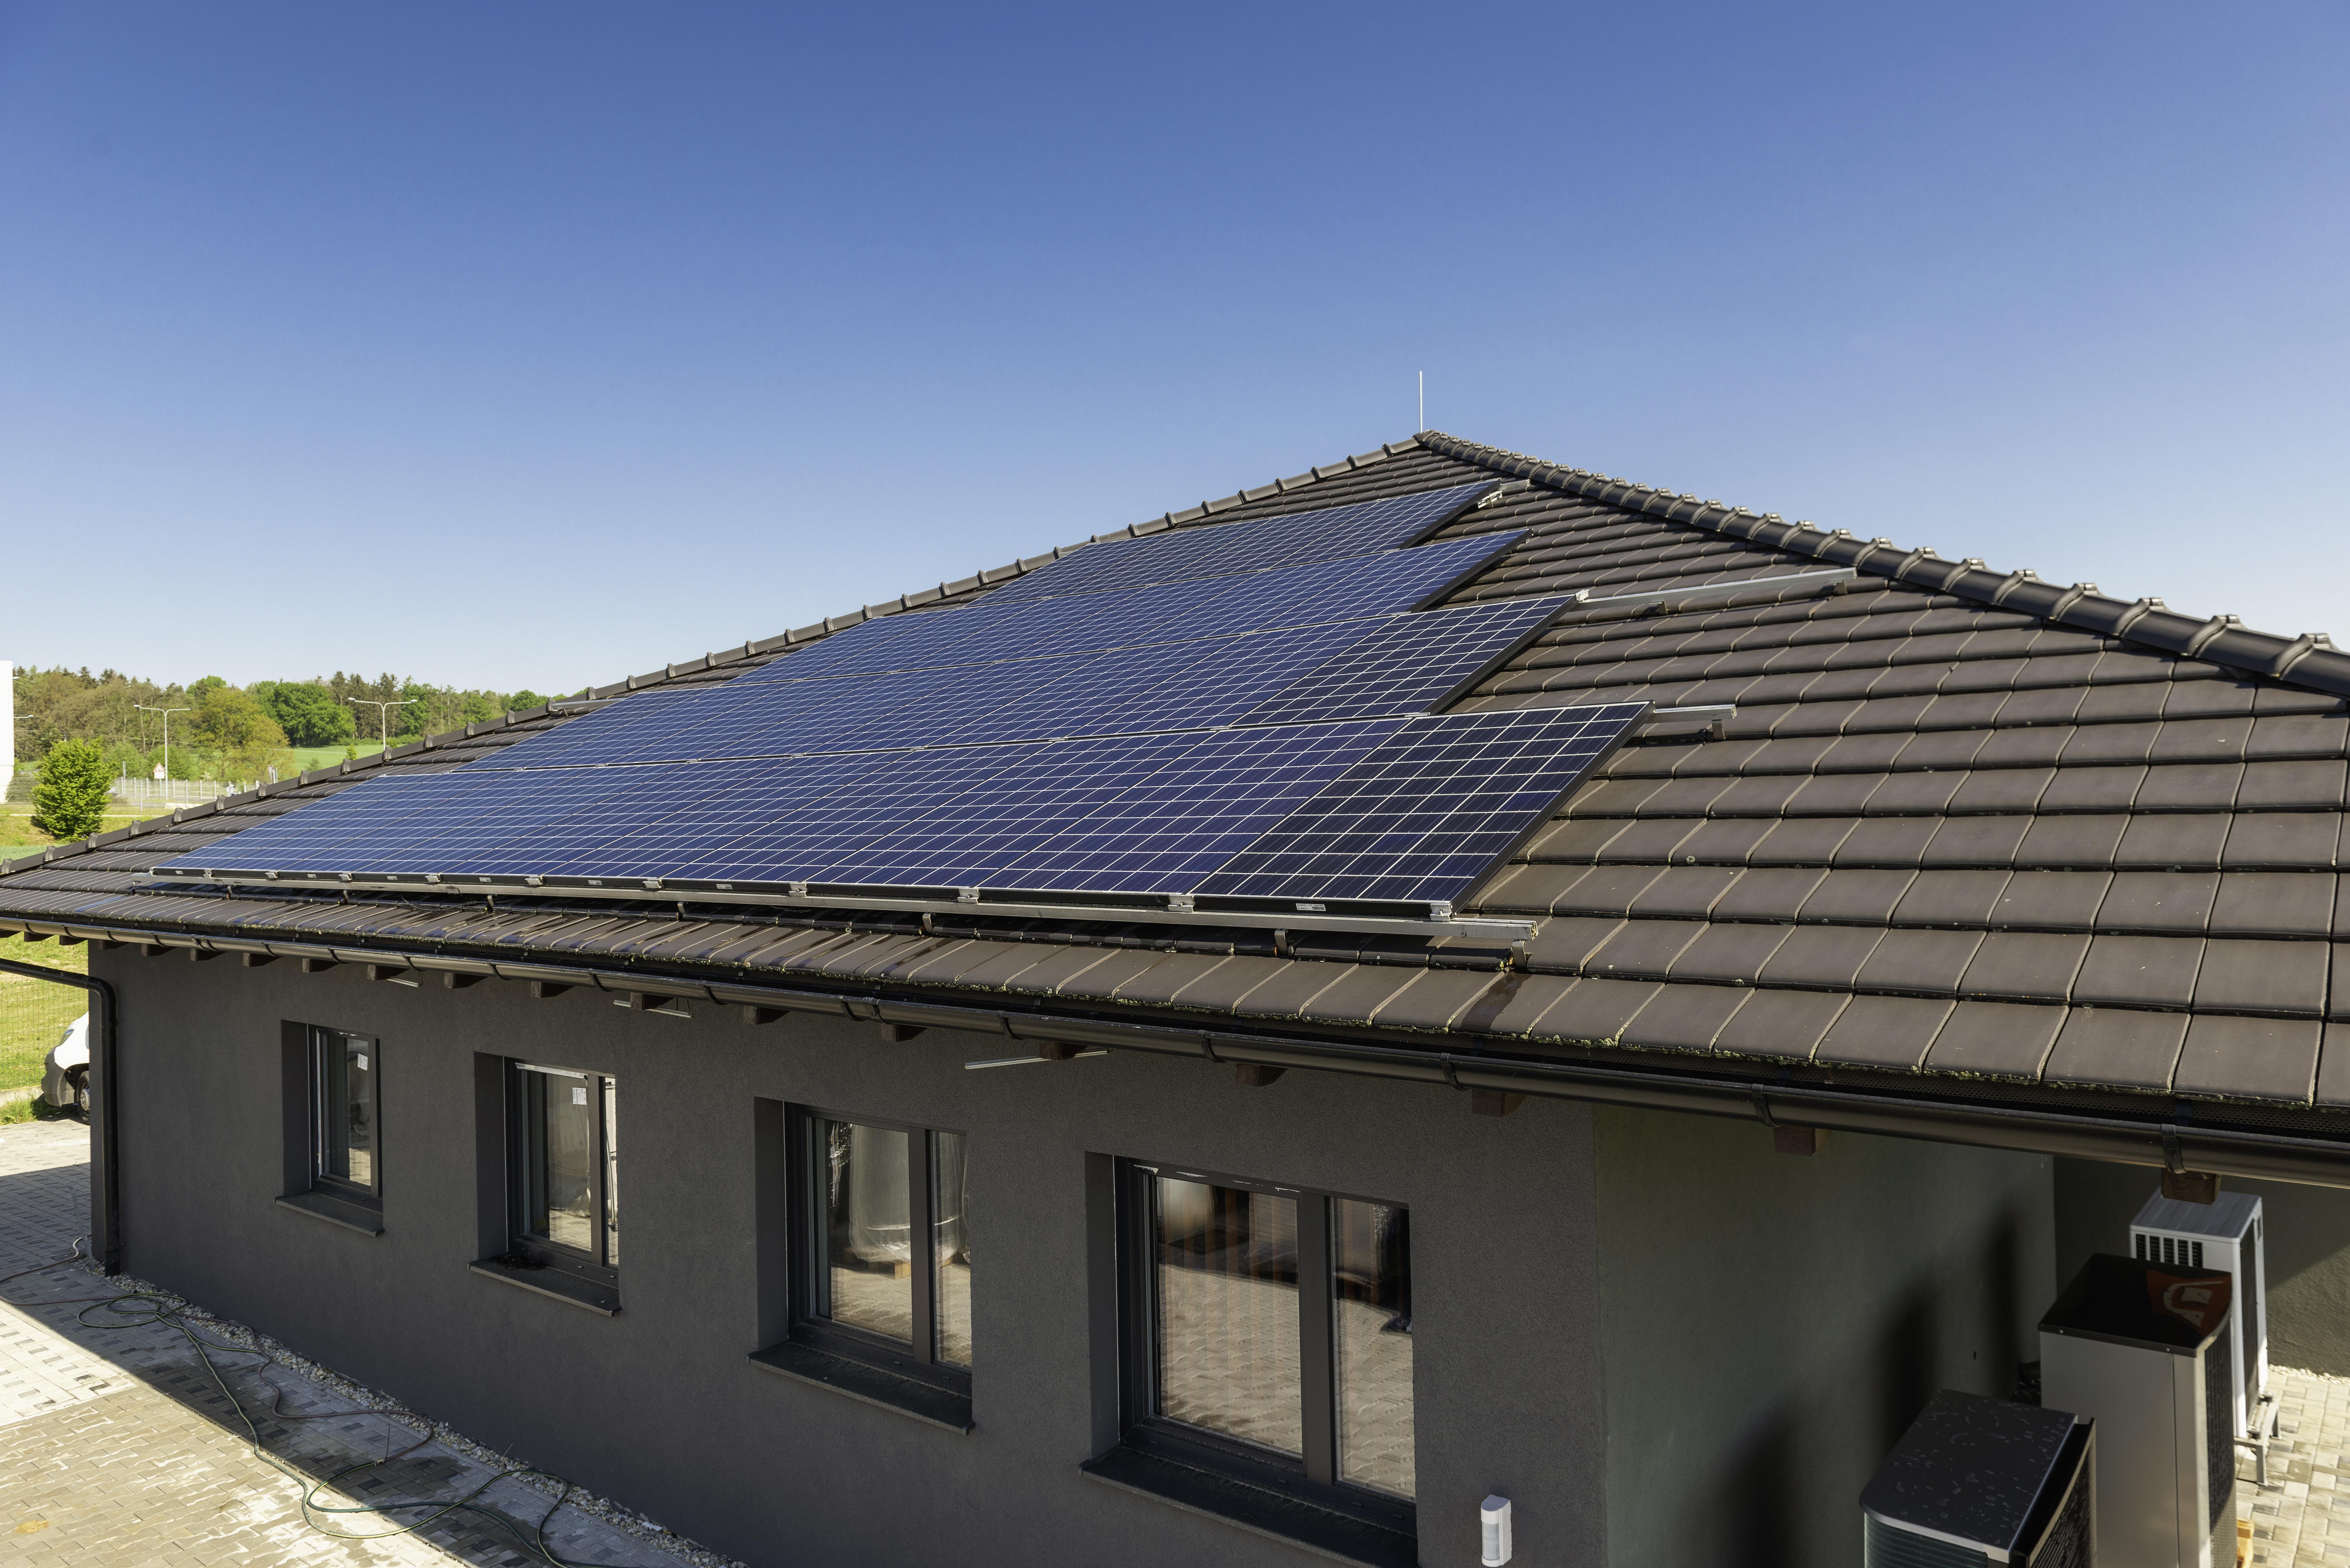 Jaká je úspora tepelného čerpadla s fotovoltaikou?